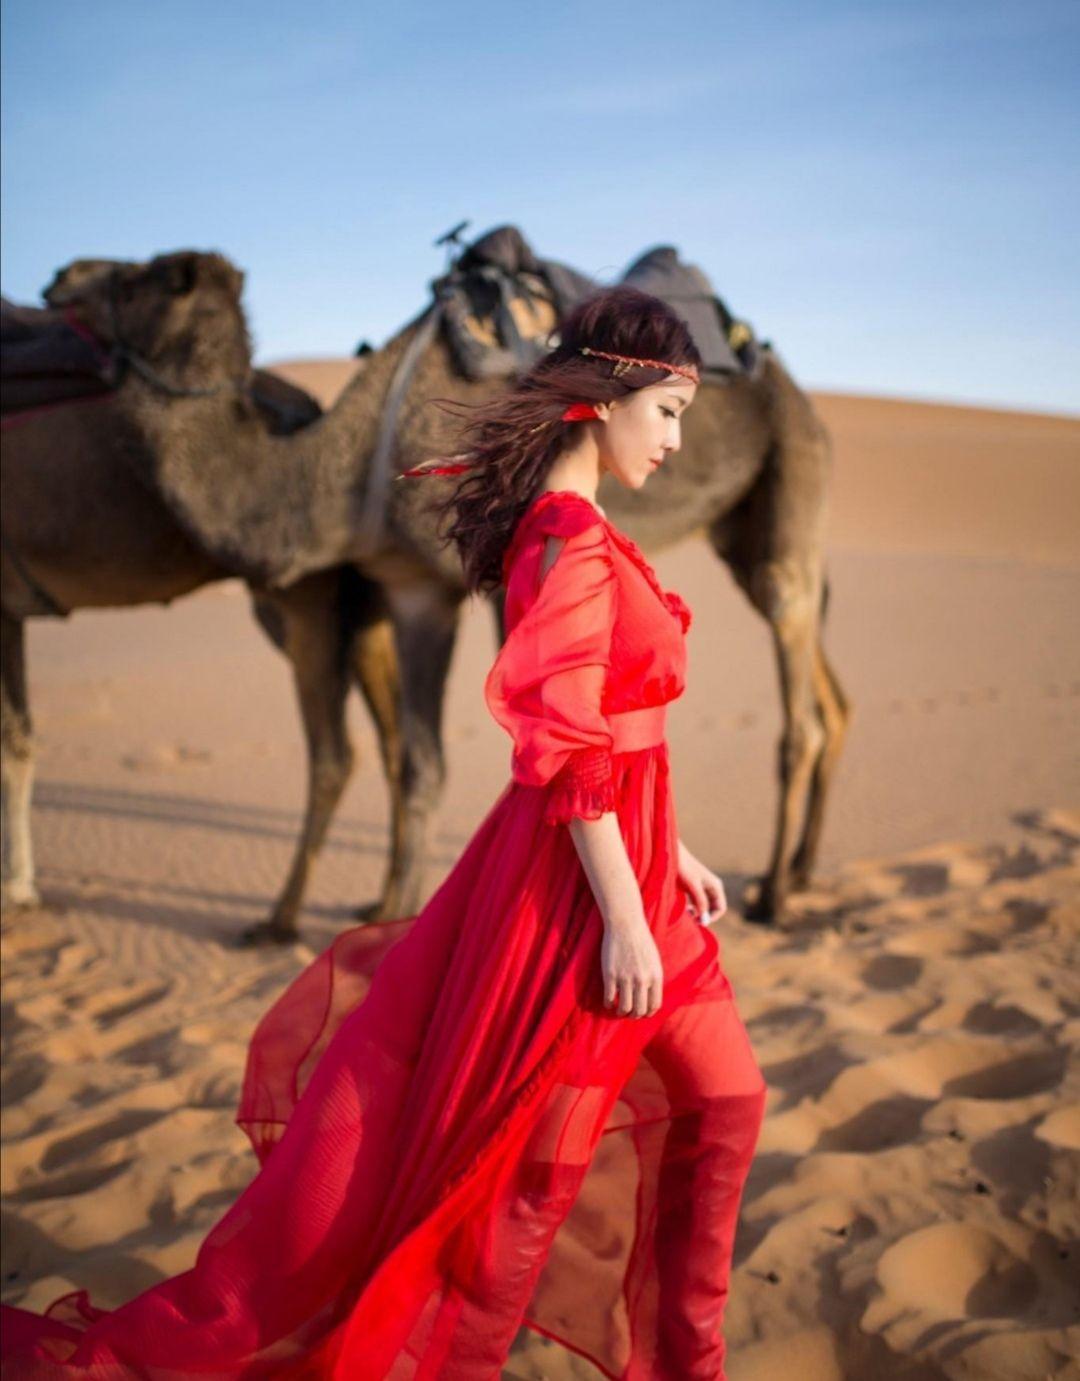 摩洛哥撒哈拉大沙漠 美女骆驼演绎异域风情